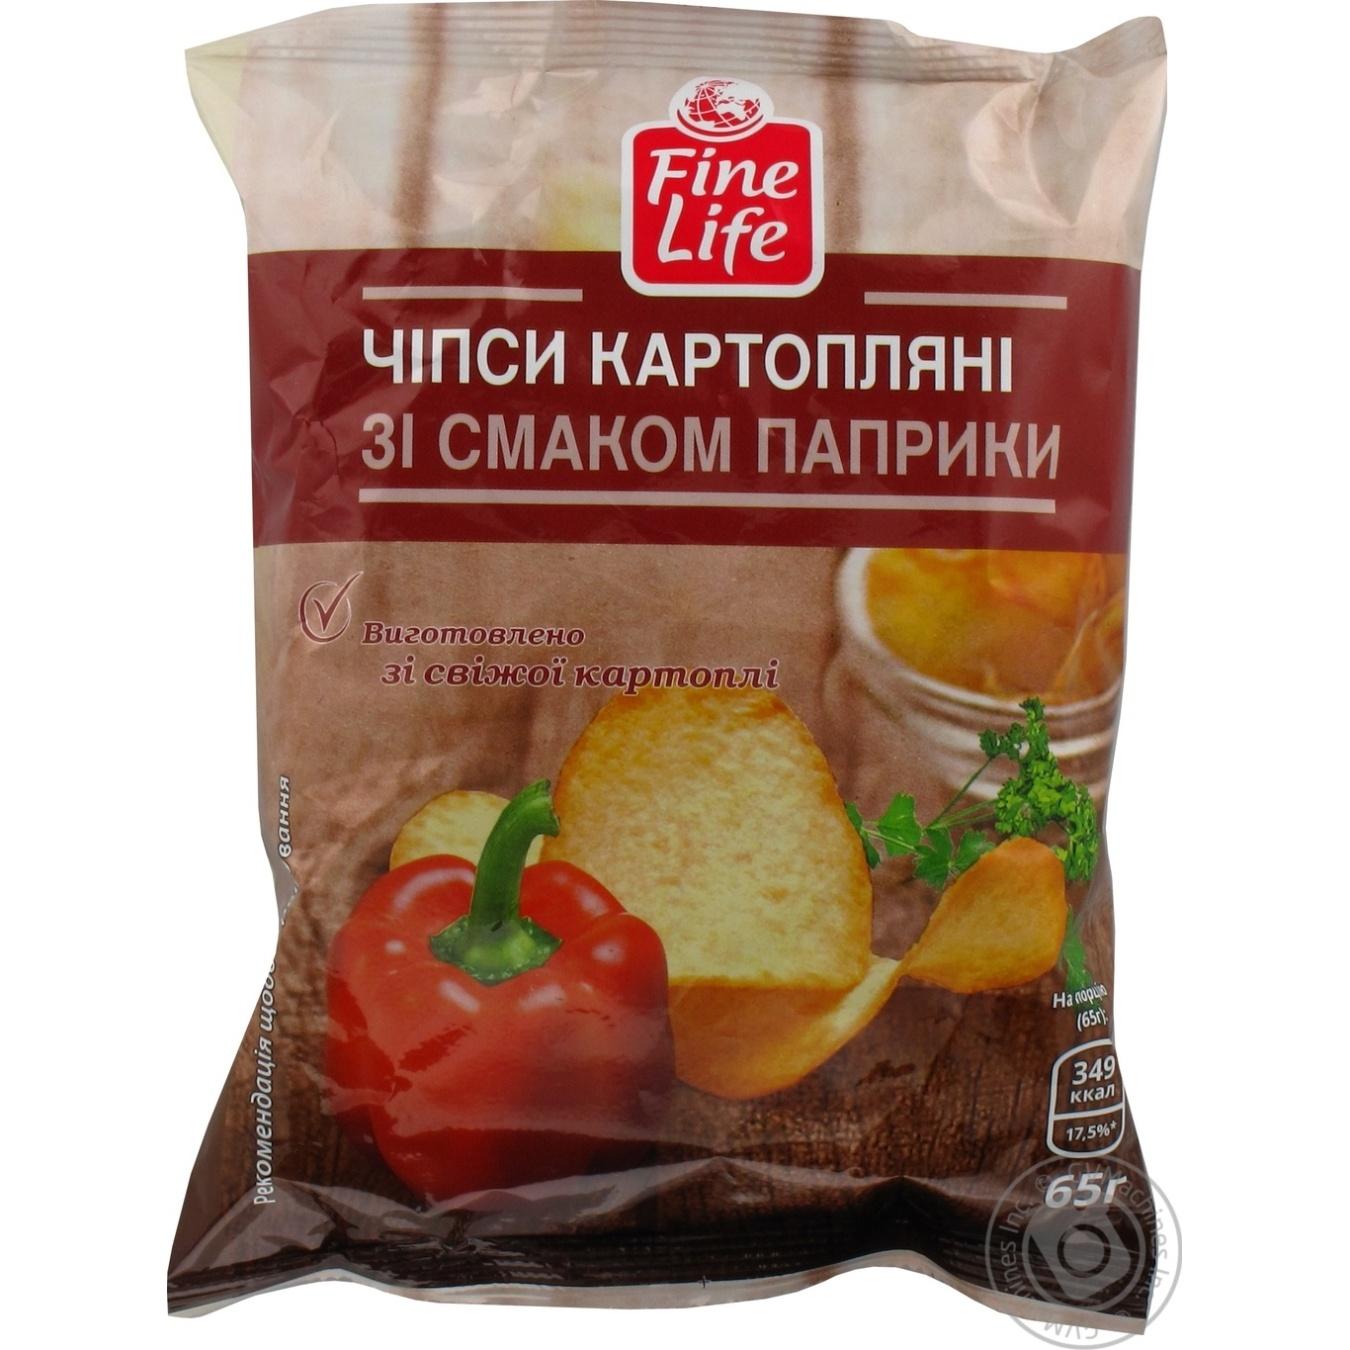 Купить Чипсы Fine Life картофельные со вкусом паприки 65г